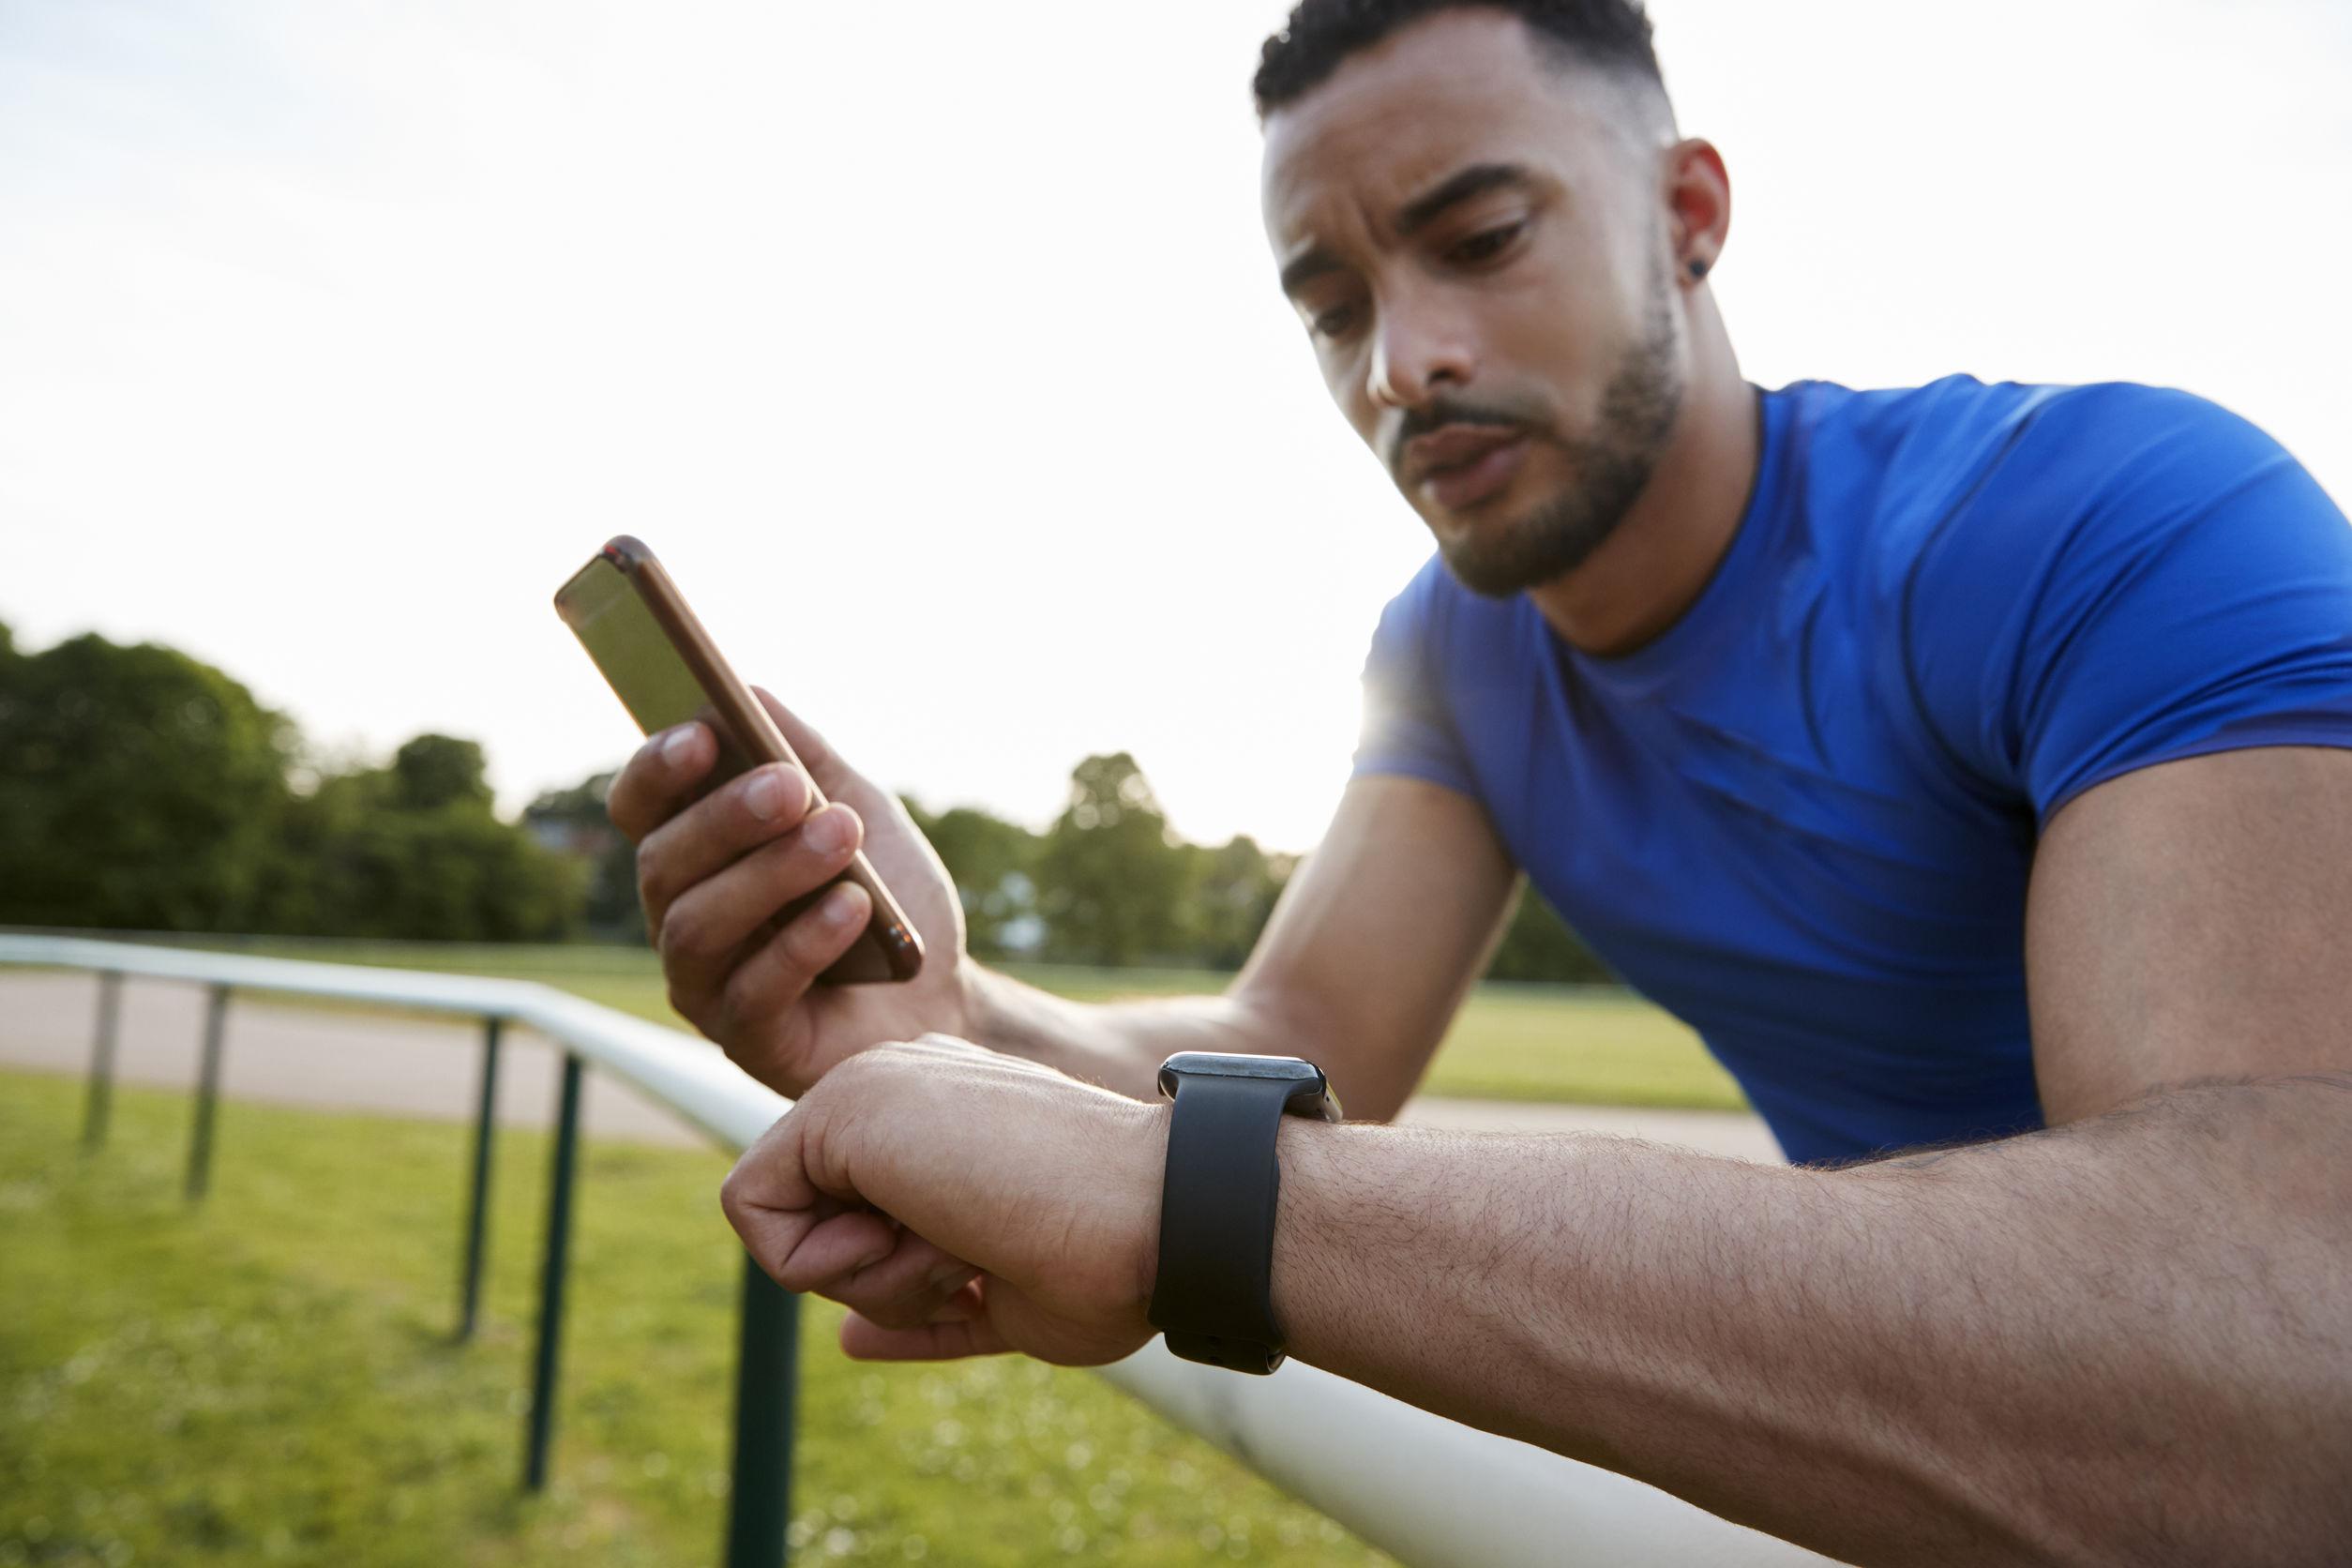 Homem utiliza smartwatch no punho esquerdo e confere resultados após exercício físico.